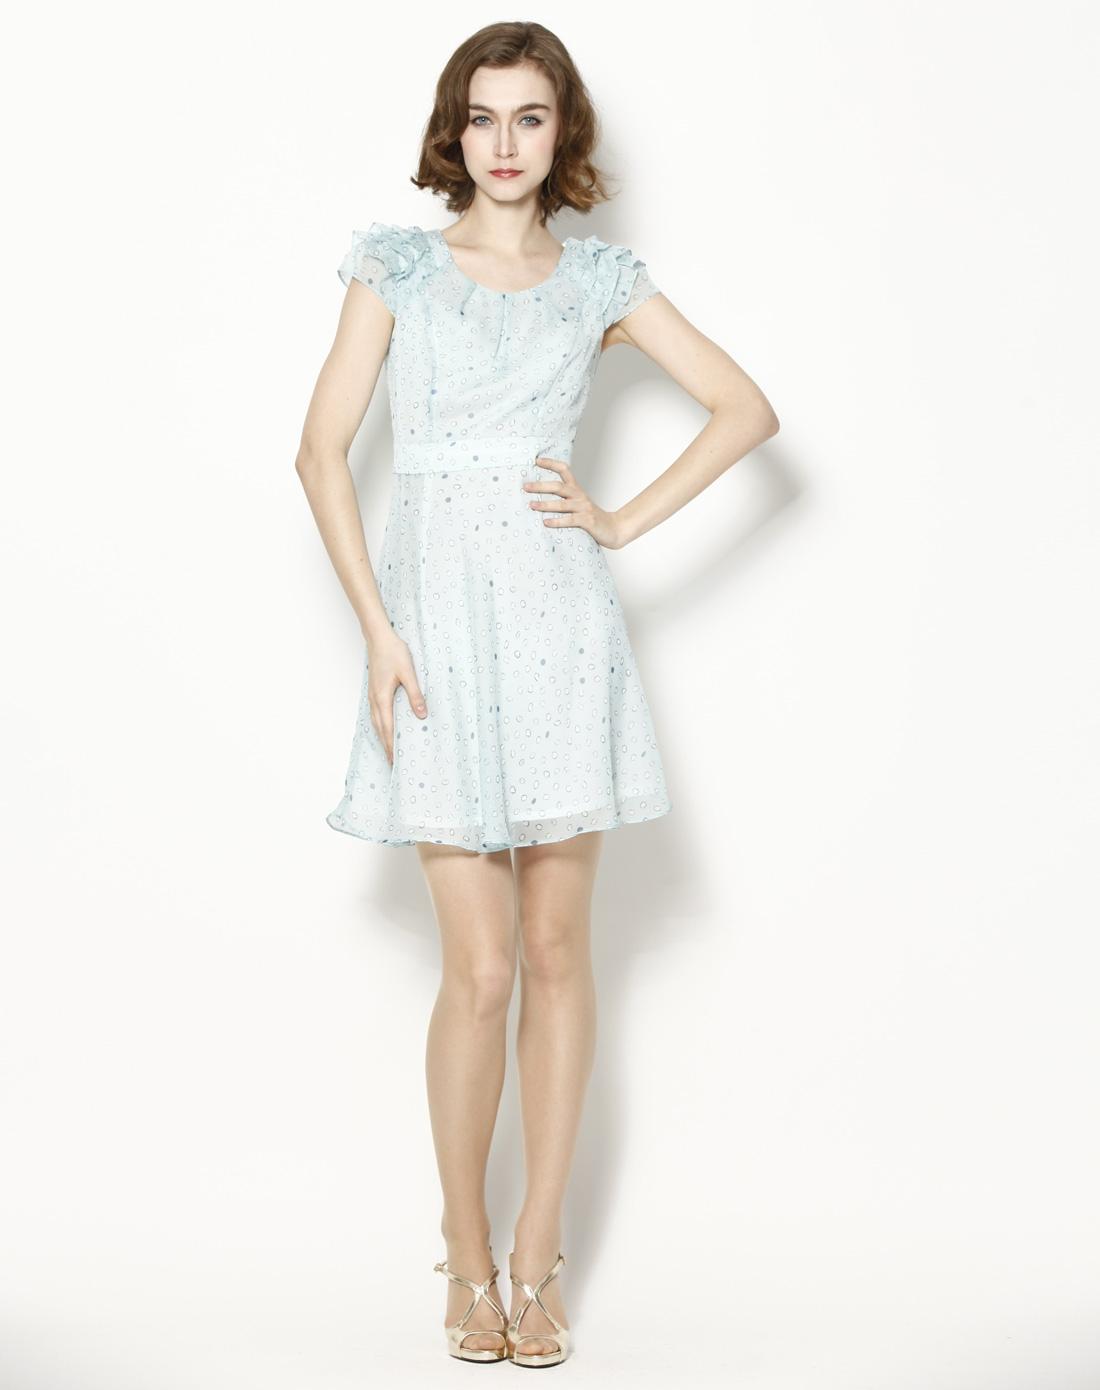 粉蓝色可爱清新印花短袖连衣裙